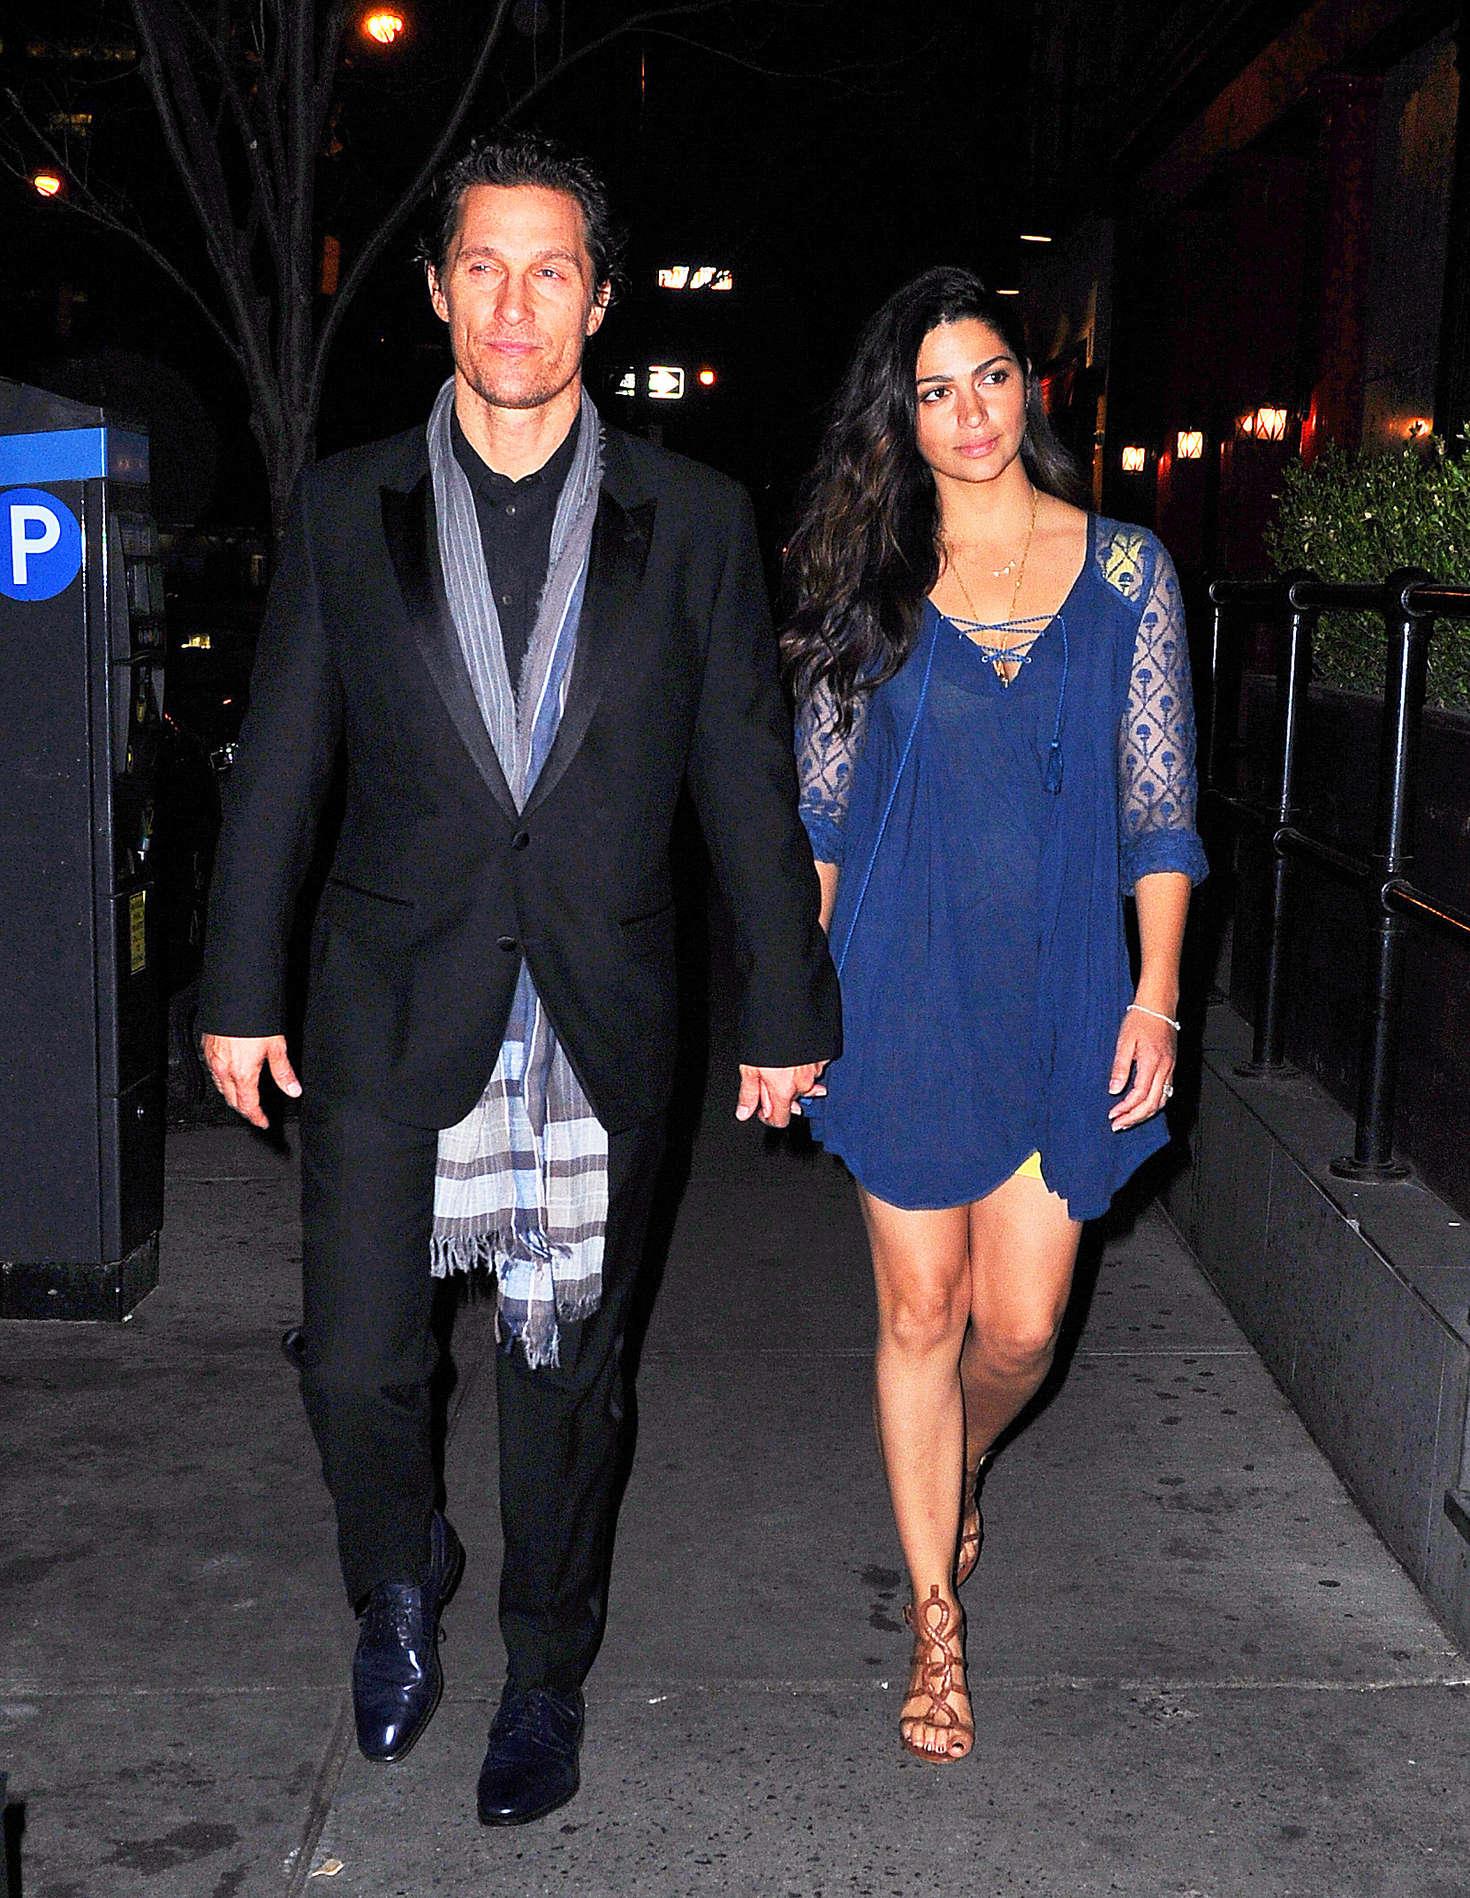 Camila Alves in blue dress out for dinner in New York